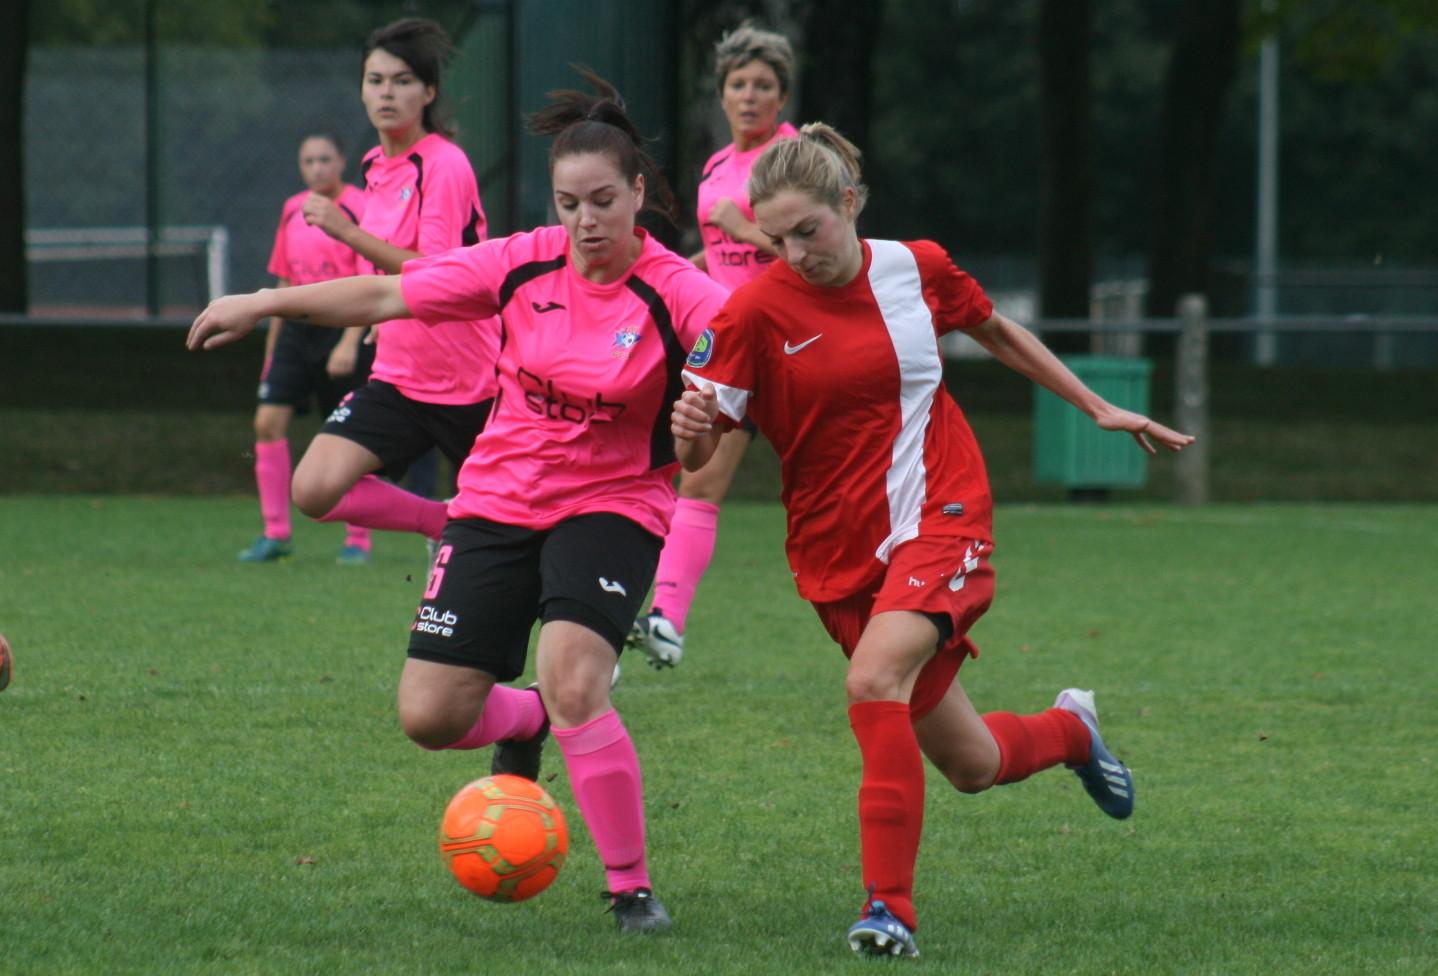 Limoges-Oradour (3) Elina Antraygue et Morgane Daurat.jpg